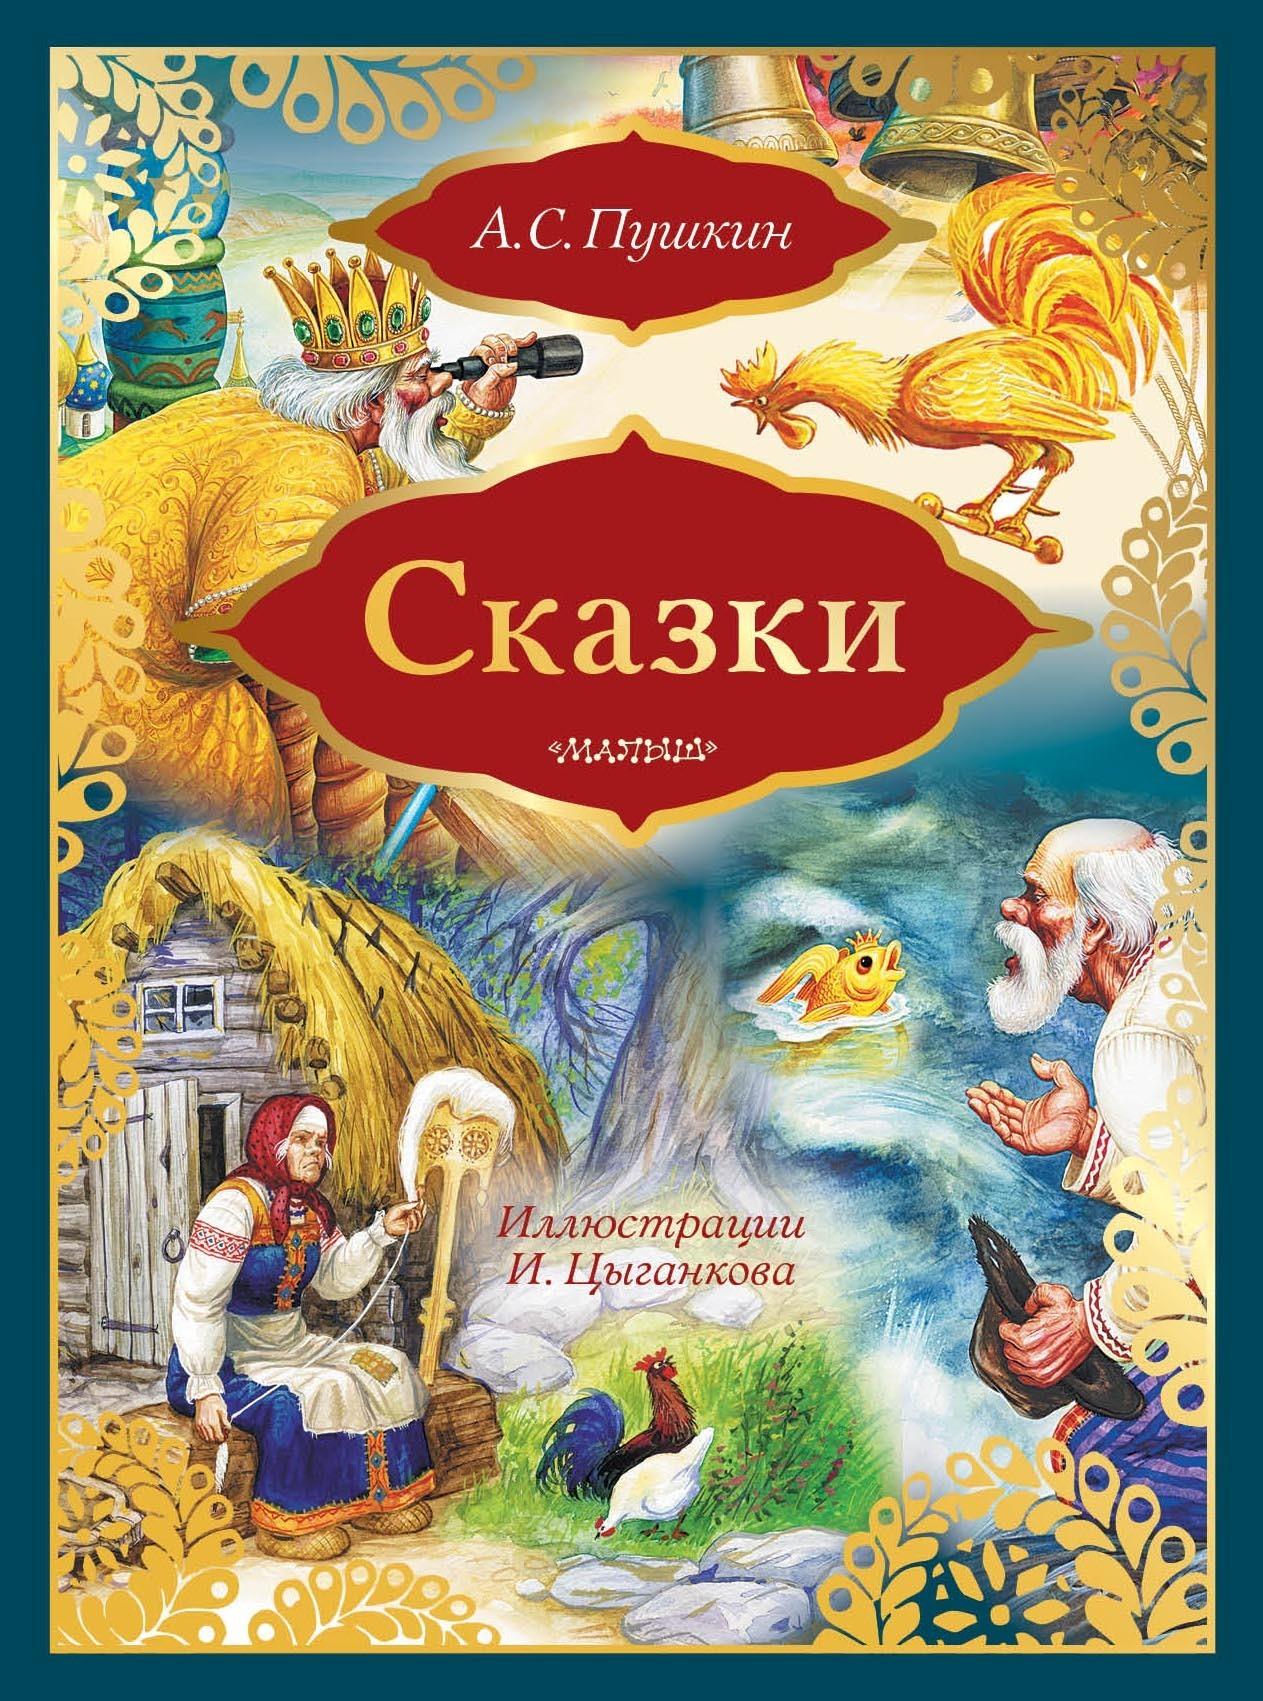 Сказки: Сказка о золотом петушке. Сказка о рыбаке и рыбке (сборник)